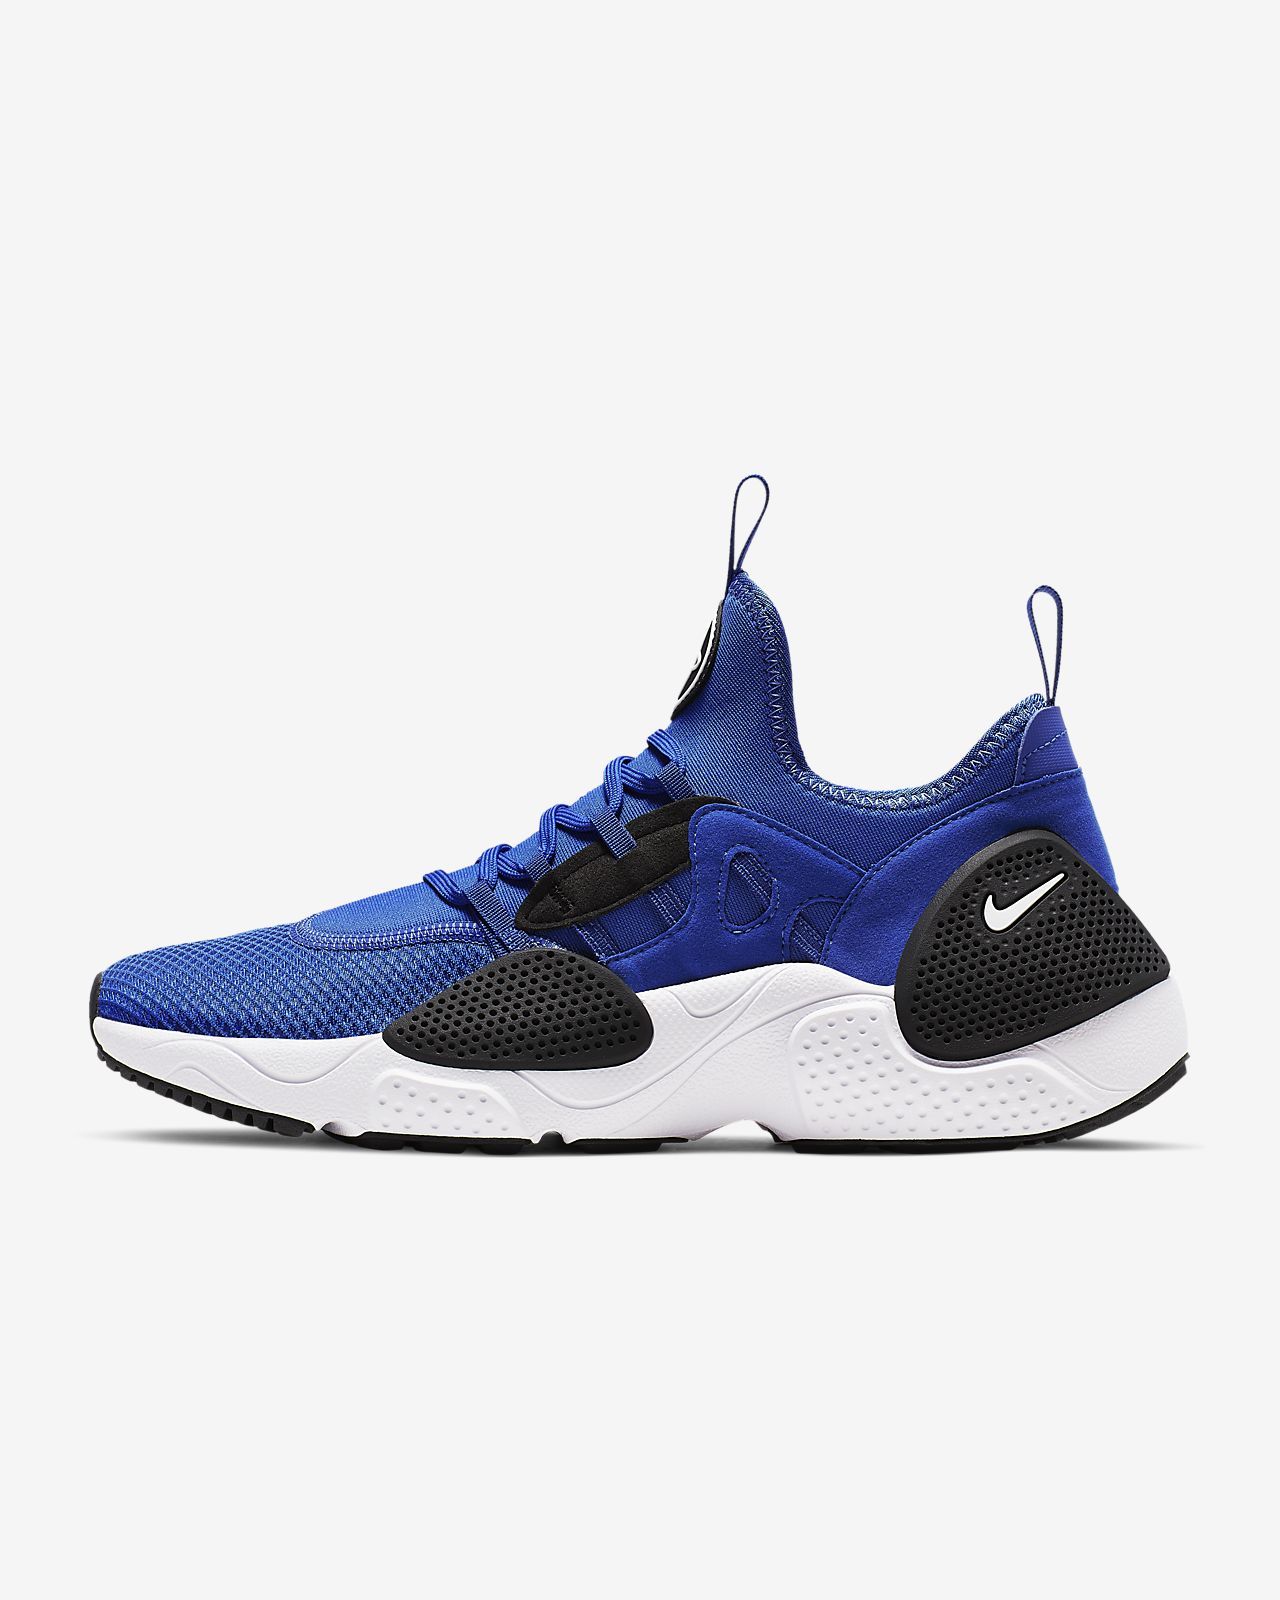 a35d7fb484 Nike Huarache E.D.G.E. TXT Men's Shoe. Nike.com